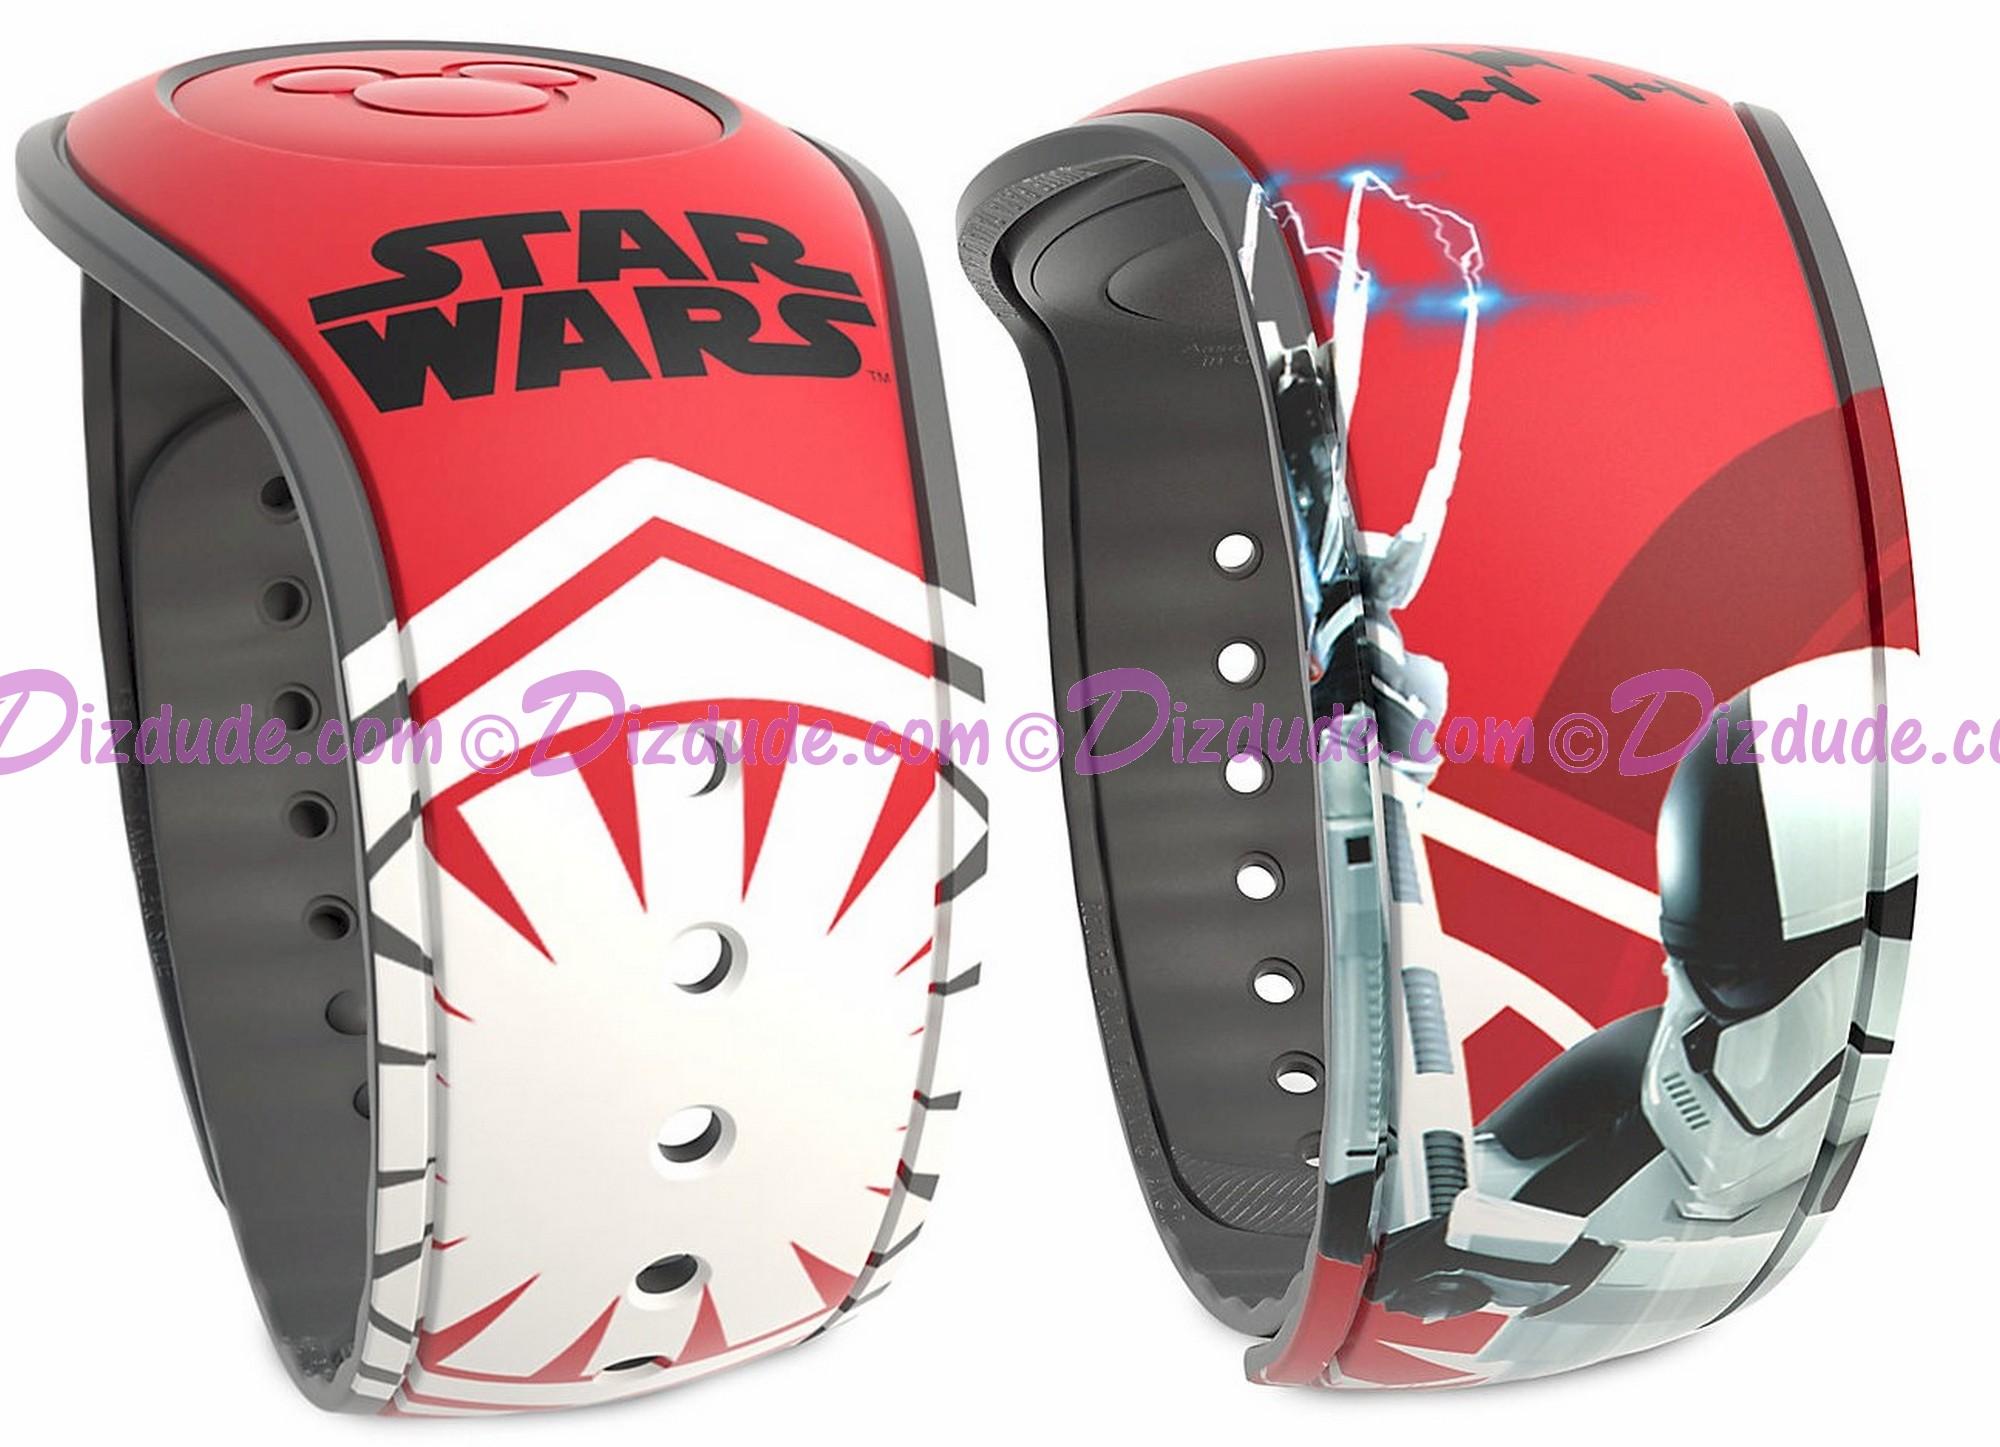 Star Wars: The Last Jedi Judicial Stromtrooper Graphic Magic Band 2 - Disney World Exclusive © Dizdude.com